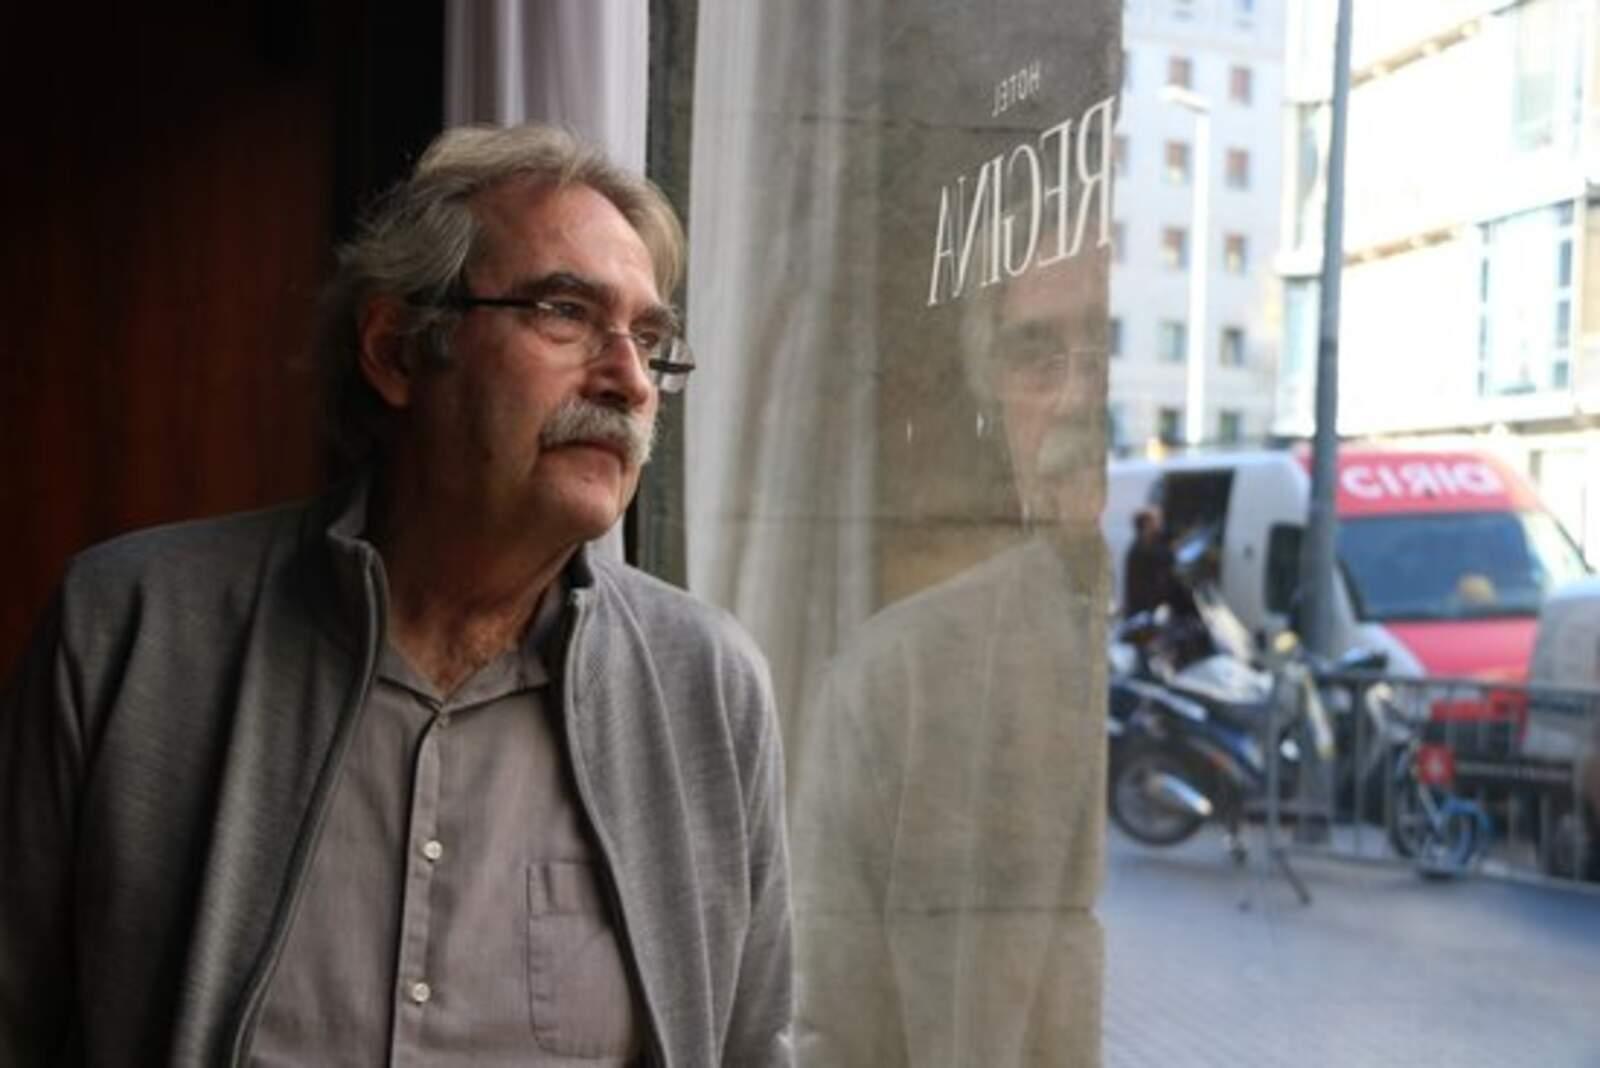 L'escriptor Jaume Cabré mirant a través d'un vidre el carrer, amb el seu reflex, durant una entrevista amb l'ACN